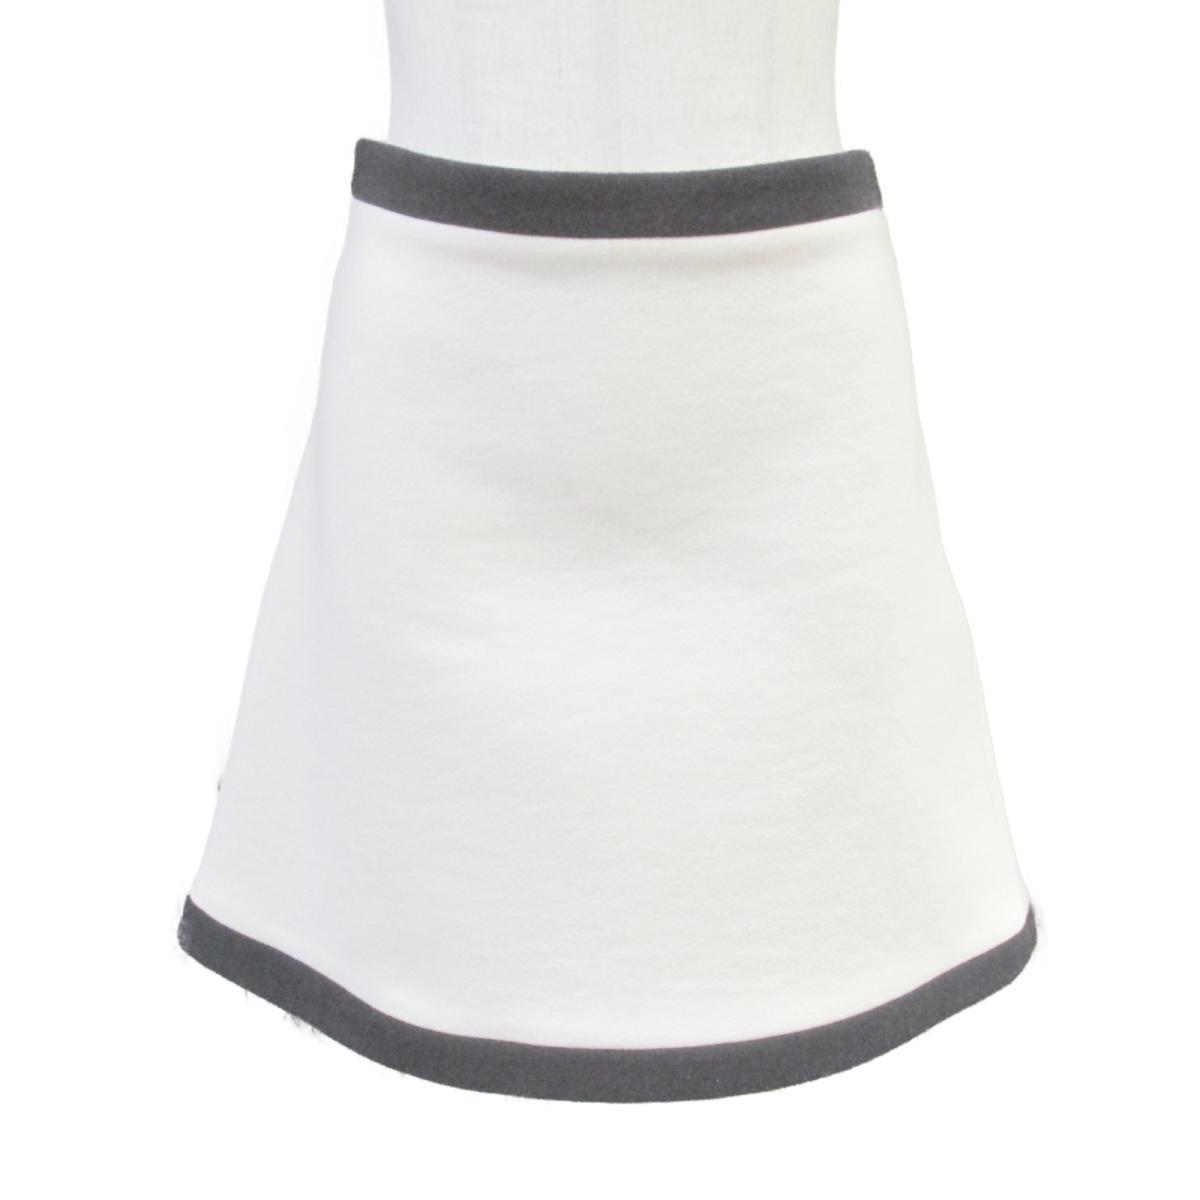 【中古】 ミュウミュウ 2018 スカート レディース ウール100% アイボリー × ブラック | miu BRANDOFF ブランドオフ 衣料品 衣類 ブランド ボトムス